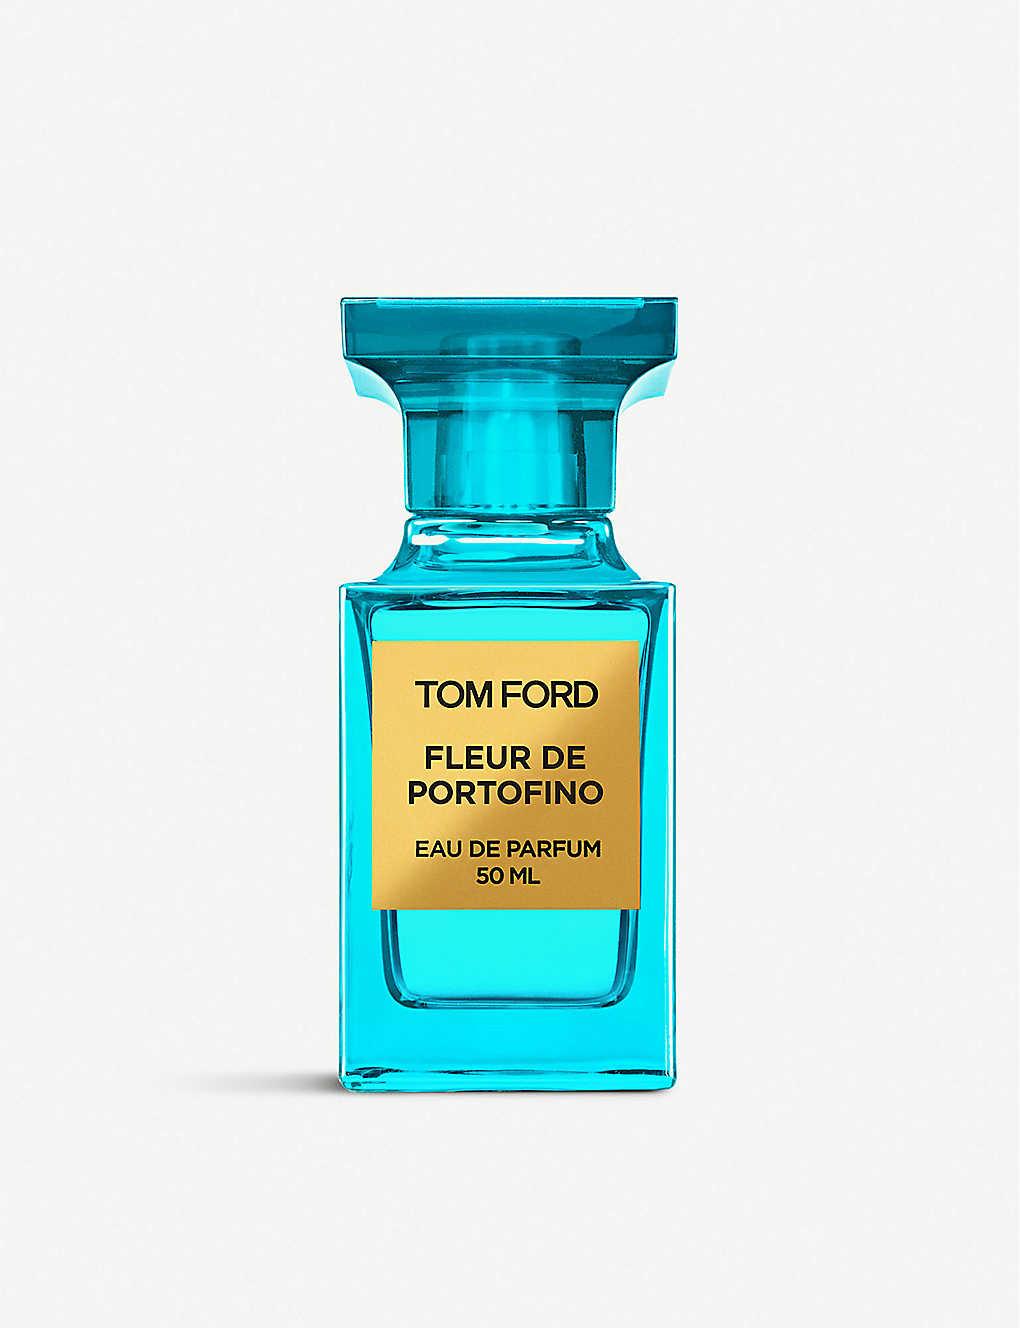 95c71a3b03e2 TOM FORD - Fleur de Portofino eau de parfum 50ml